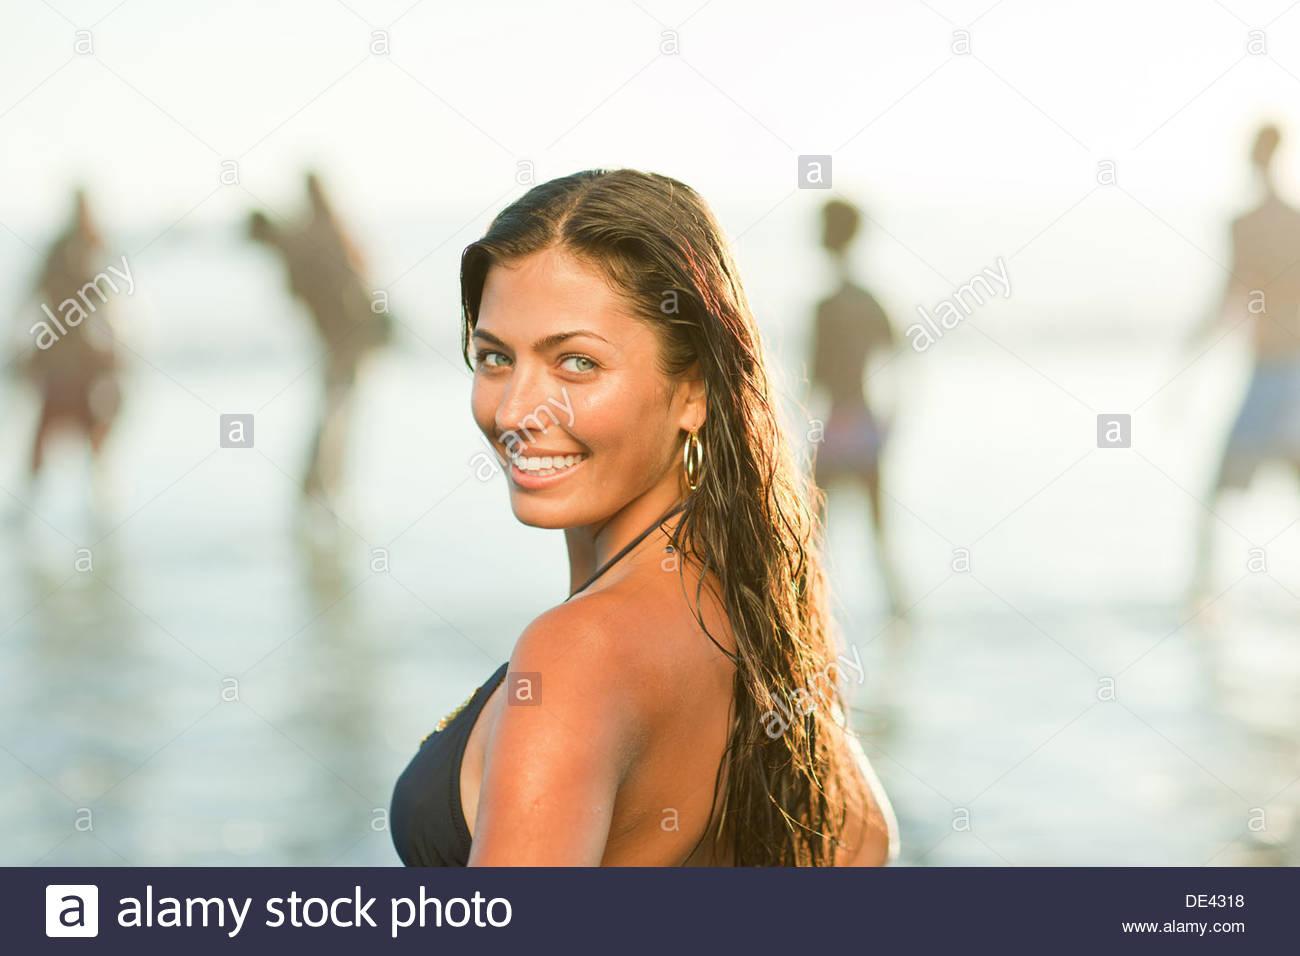 Woman wearing bikini on beach Photo Stock